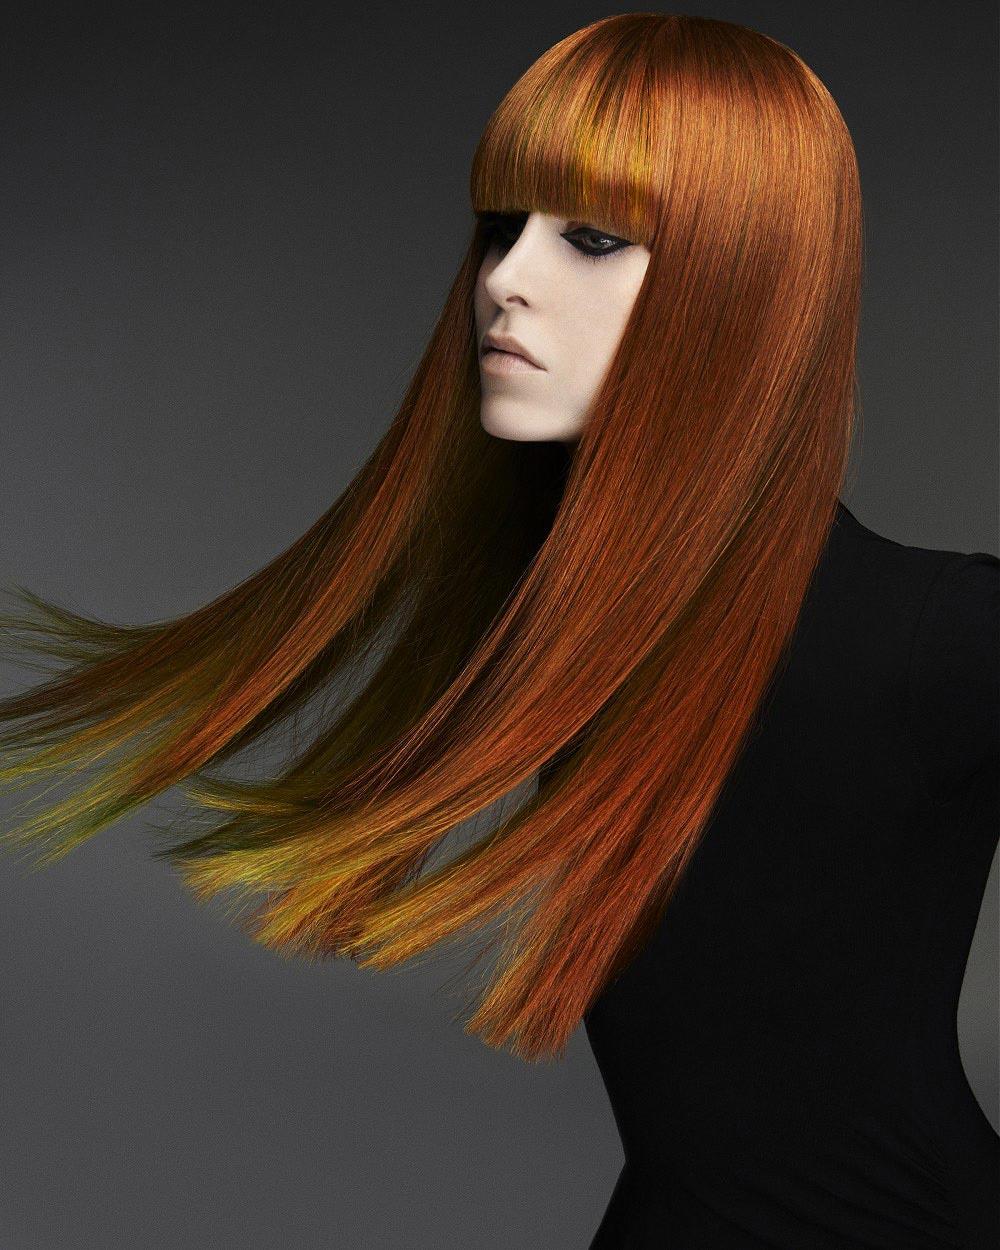 Podfarbenie vlasov v dĺžkach dlhých vlasov vyzerá skvele. Skúste mahagónovú farbu vlasov osviežiť žltou. Účesy sú z kolekcie Ken Picton.